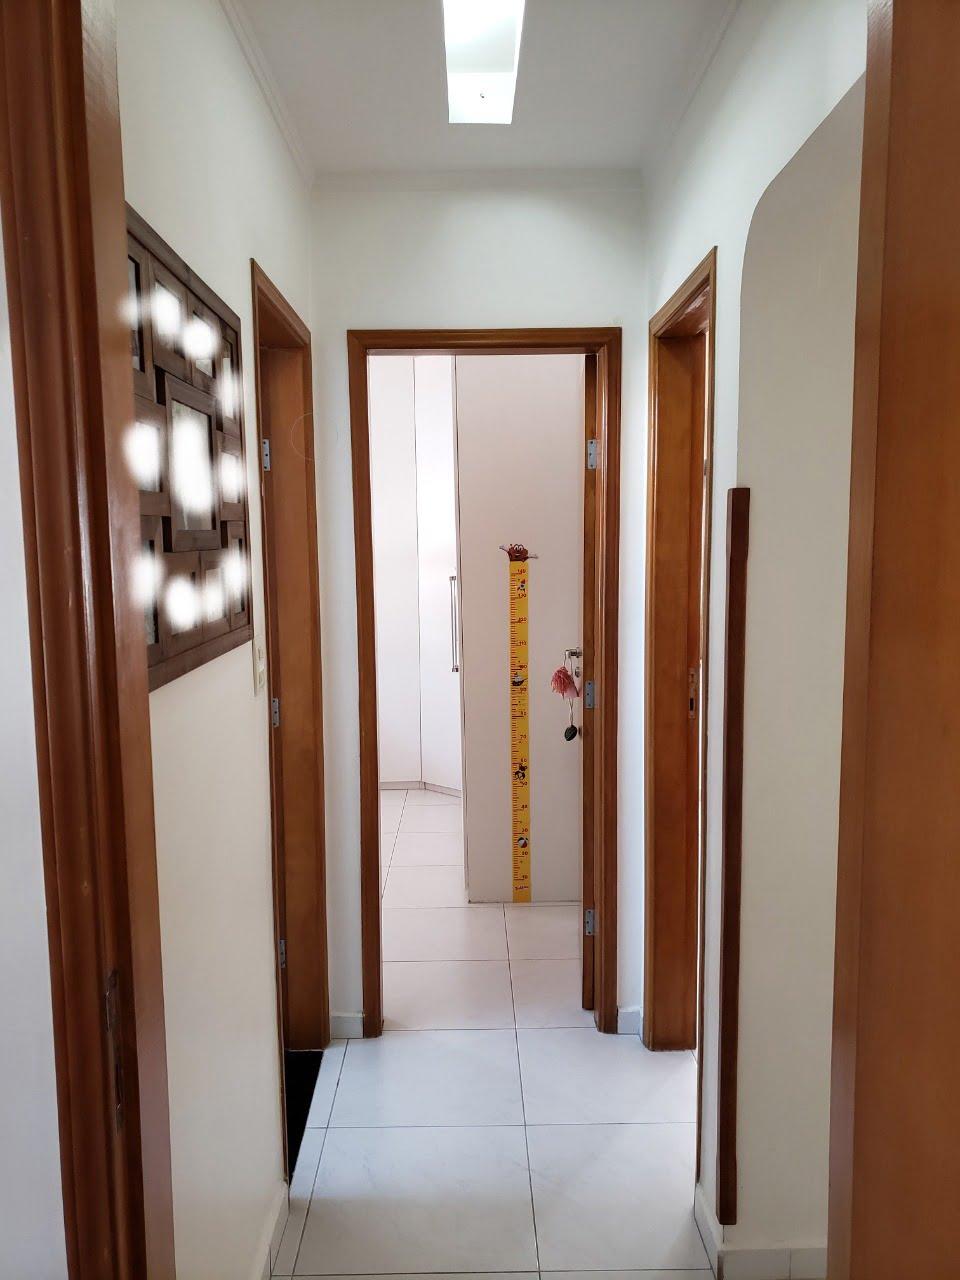 Apartamento no Bairro do Embaré , Santos , sendo 1º Andar, 3 dormitórios, 2 banheiros e garagem fechada. Todo reformado - foto 6